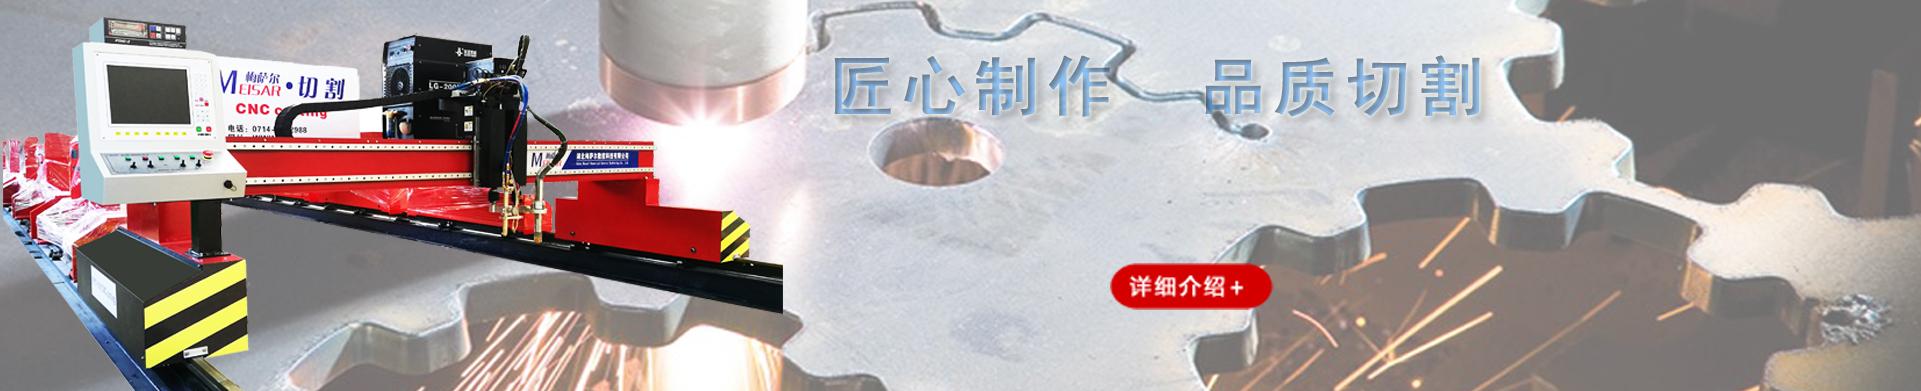 龙门切割机-2-1.jpg